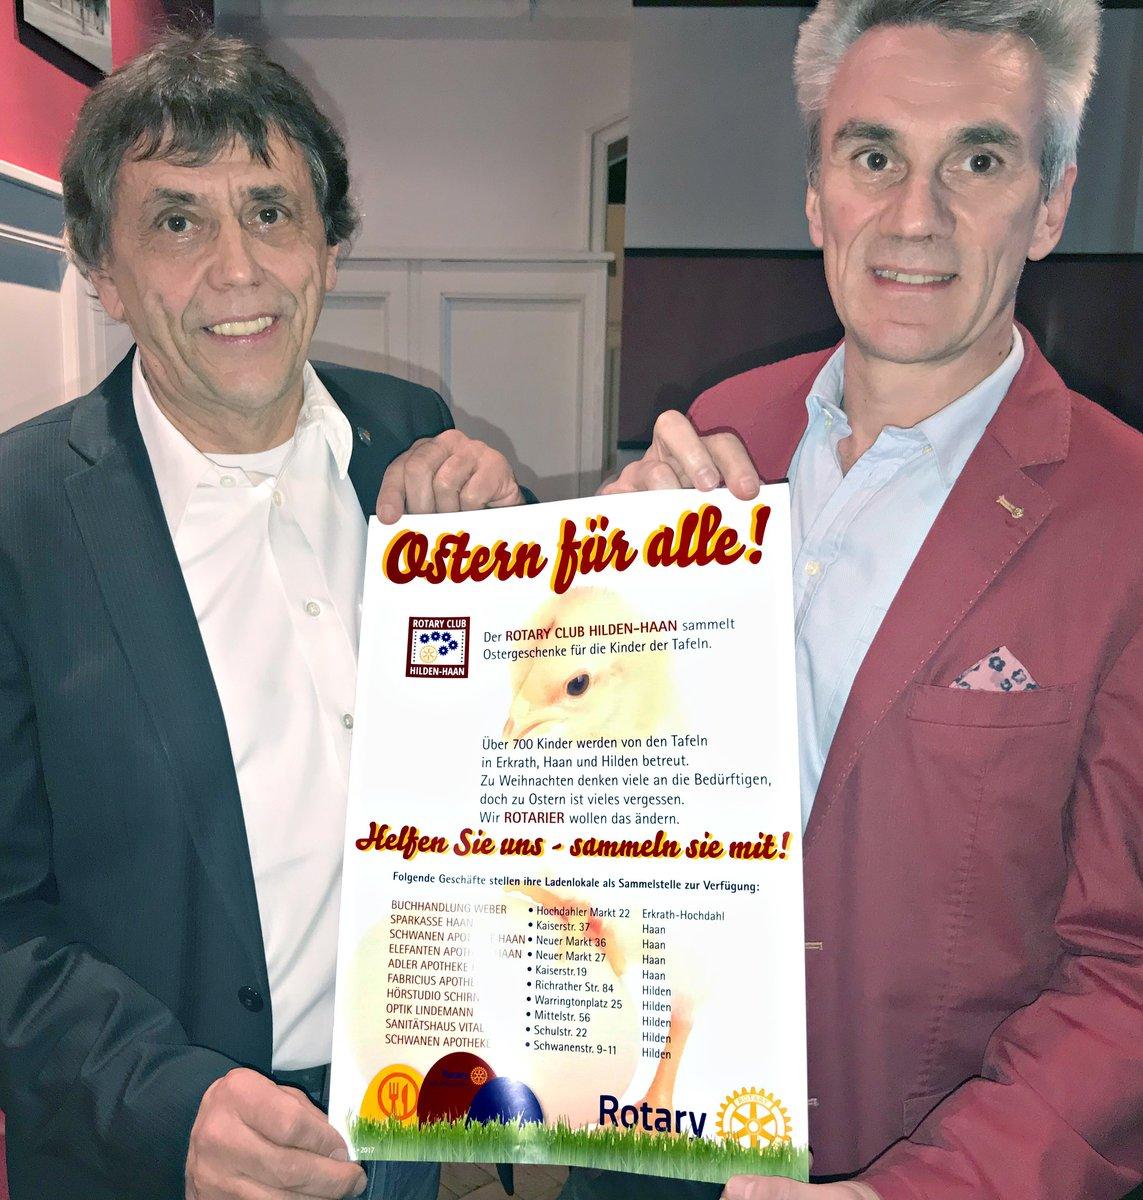 Weihnachtsgeschenke Für Kinder 2019.Rotary Club Hilden Haan Sammelt Geschenke Für Kinder Ostern Für